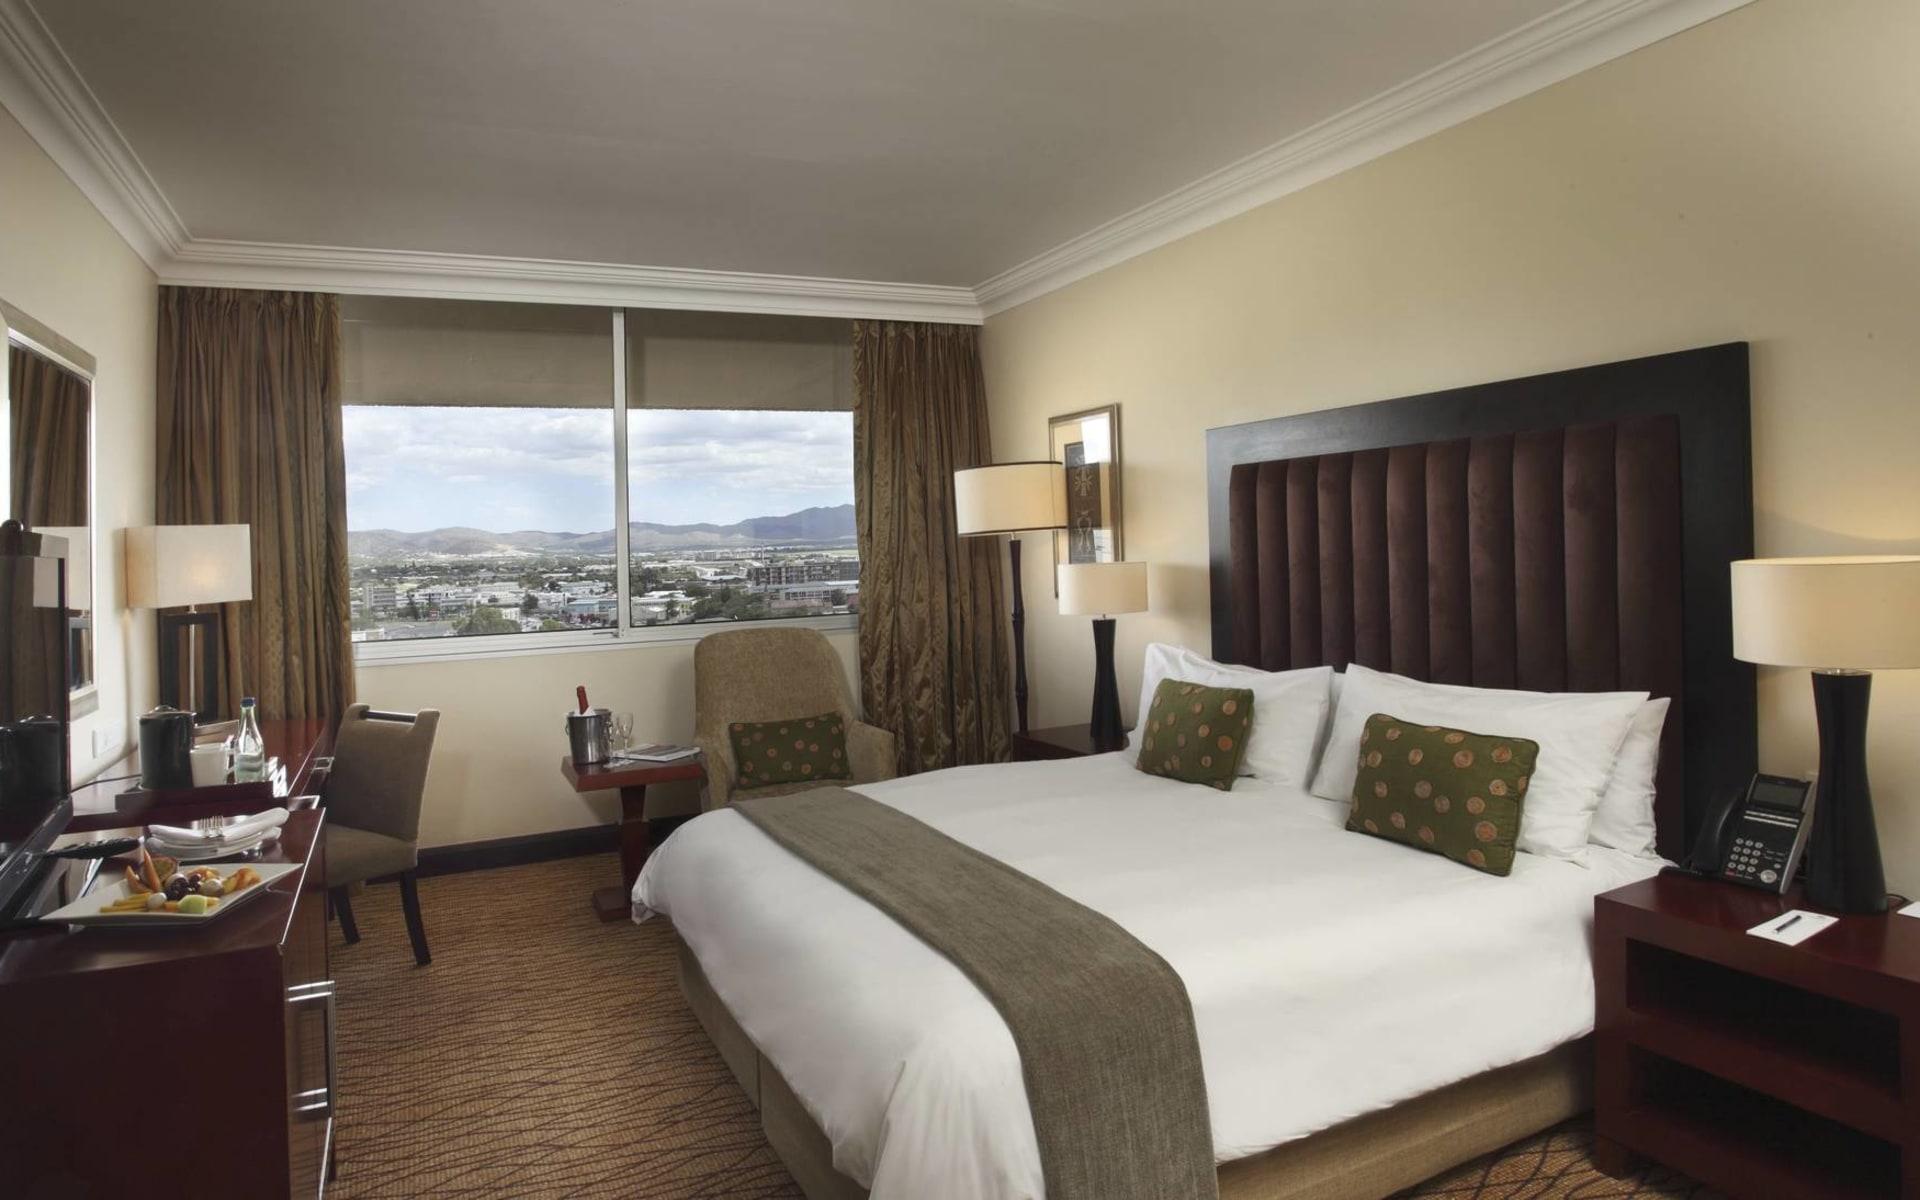 Avani Windhoek Hotel & Casino in Windhoek Stadt: Avani Windhoek Hotel & Casino